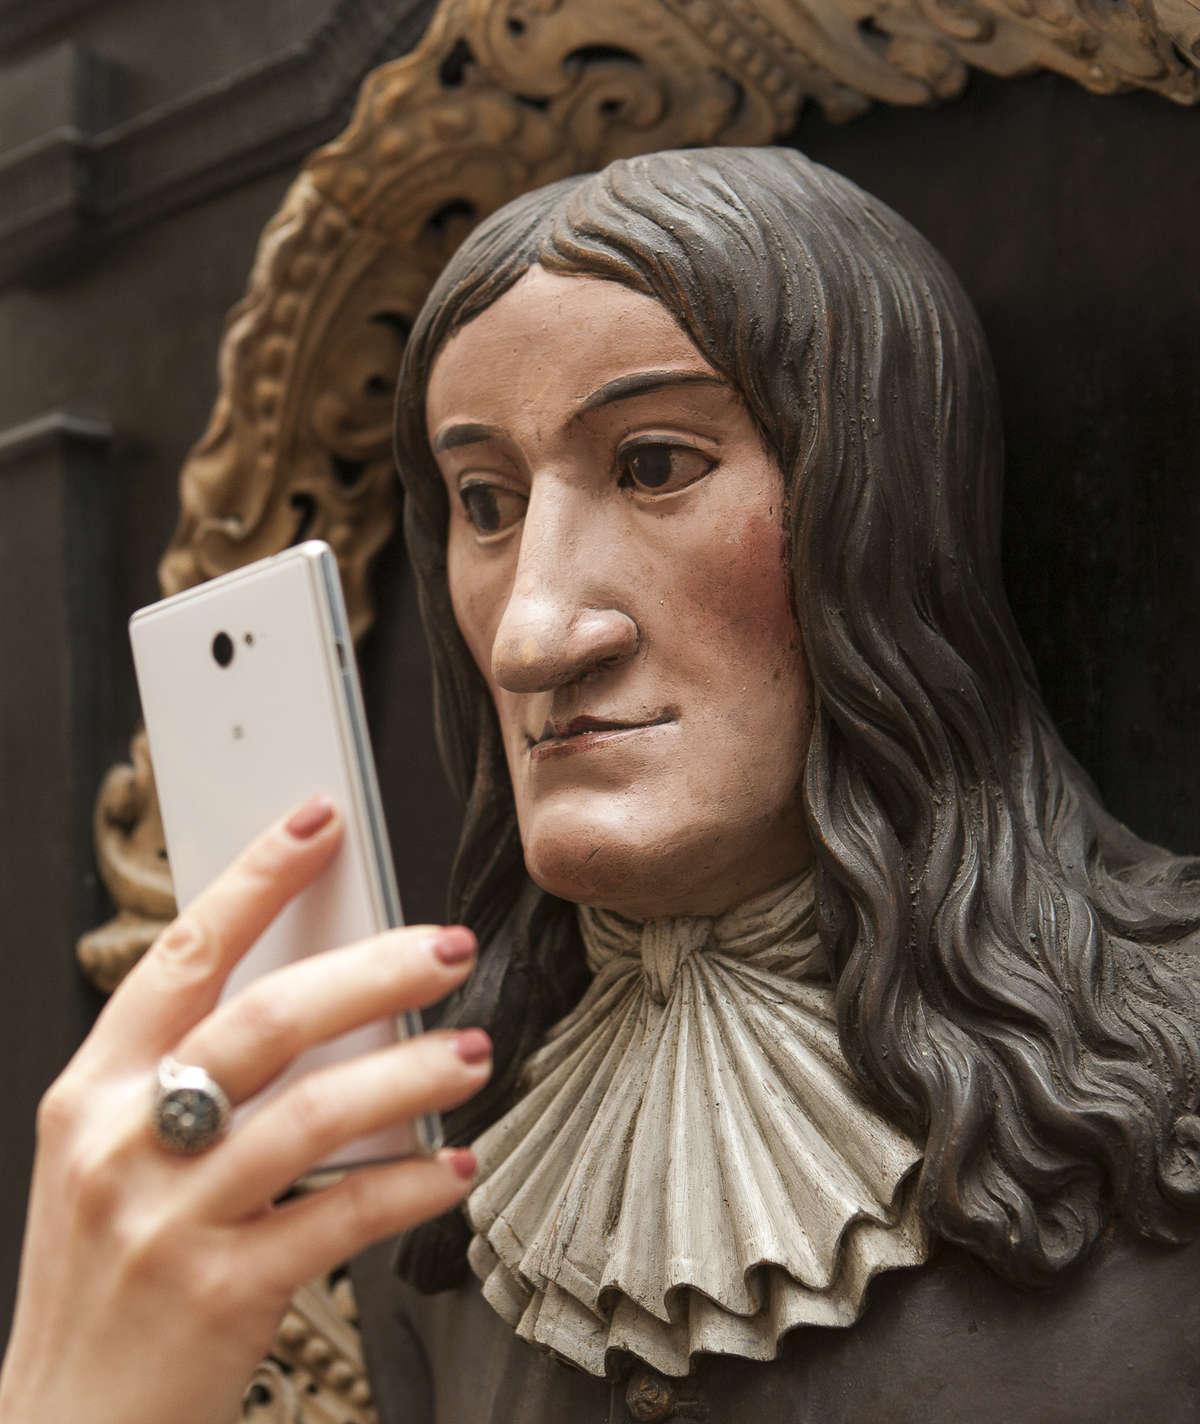 Zrób sobie selfie z arcydziełem i wygraj nagrodę - full image